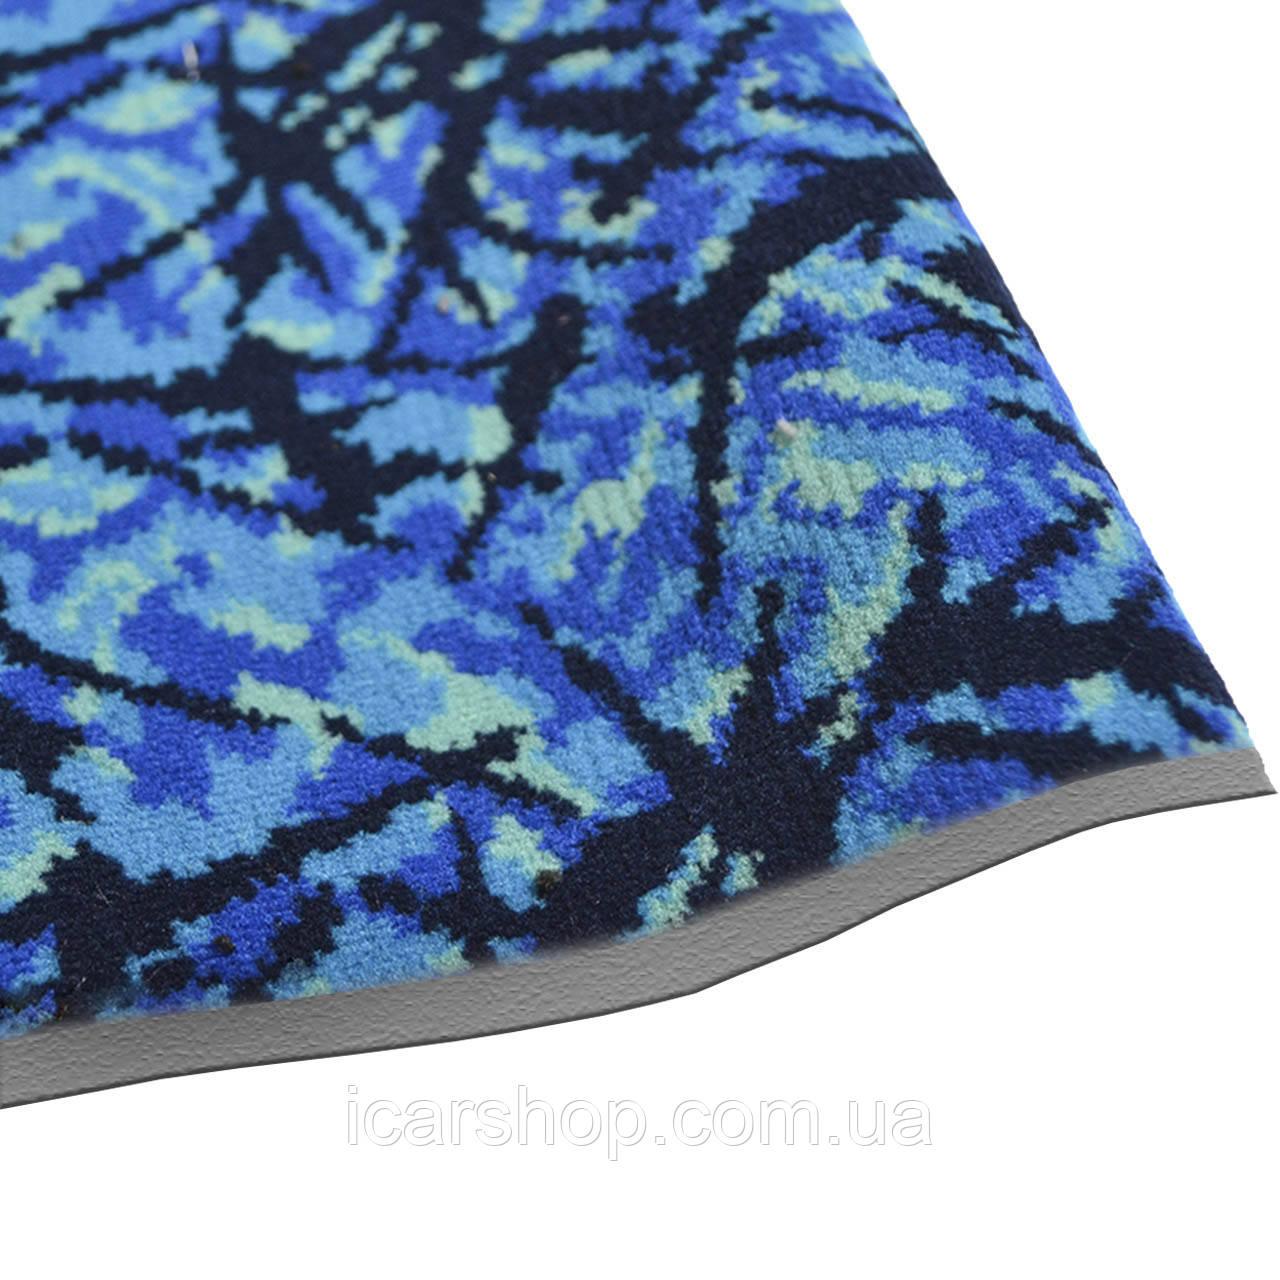 Ткань для центральной части сидения Neoplan 145